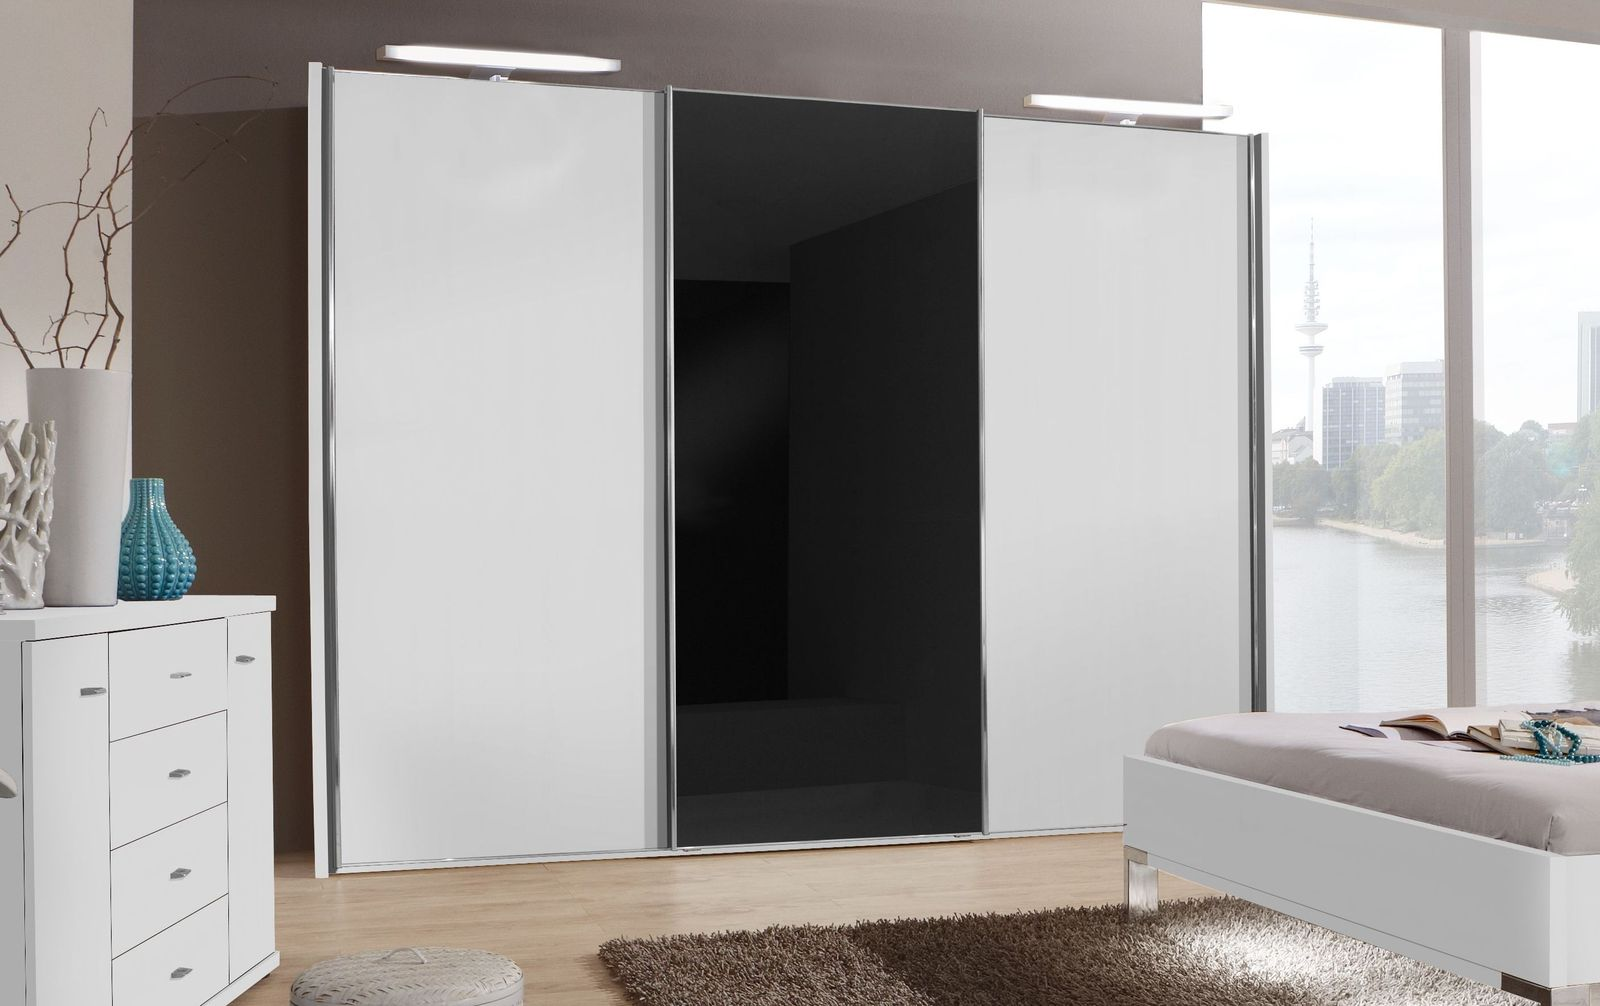 Schwebetüren-Kleiderschrank Swift mit schwarzem Glaselement